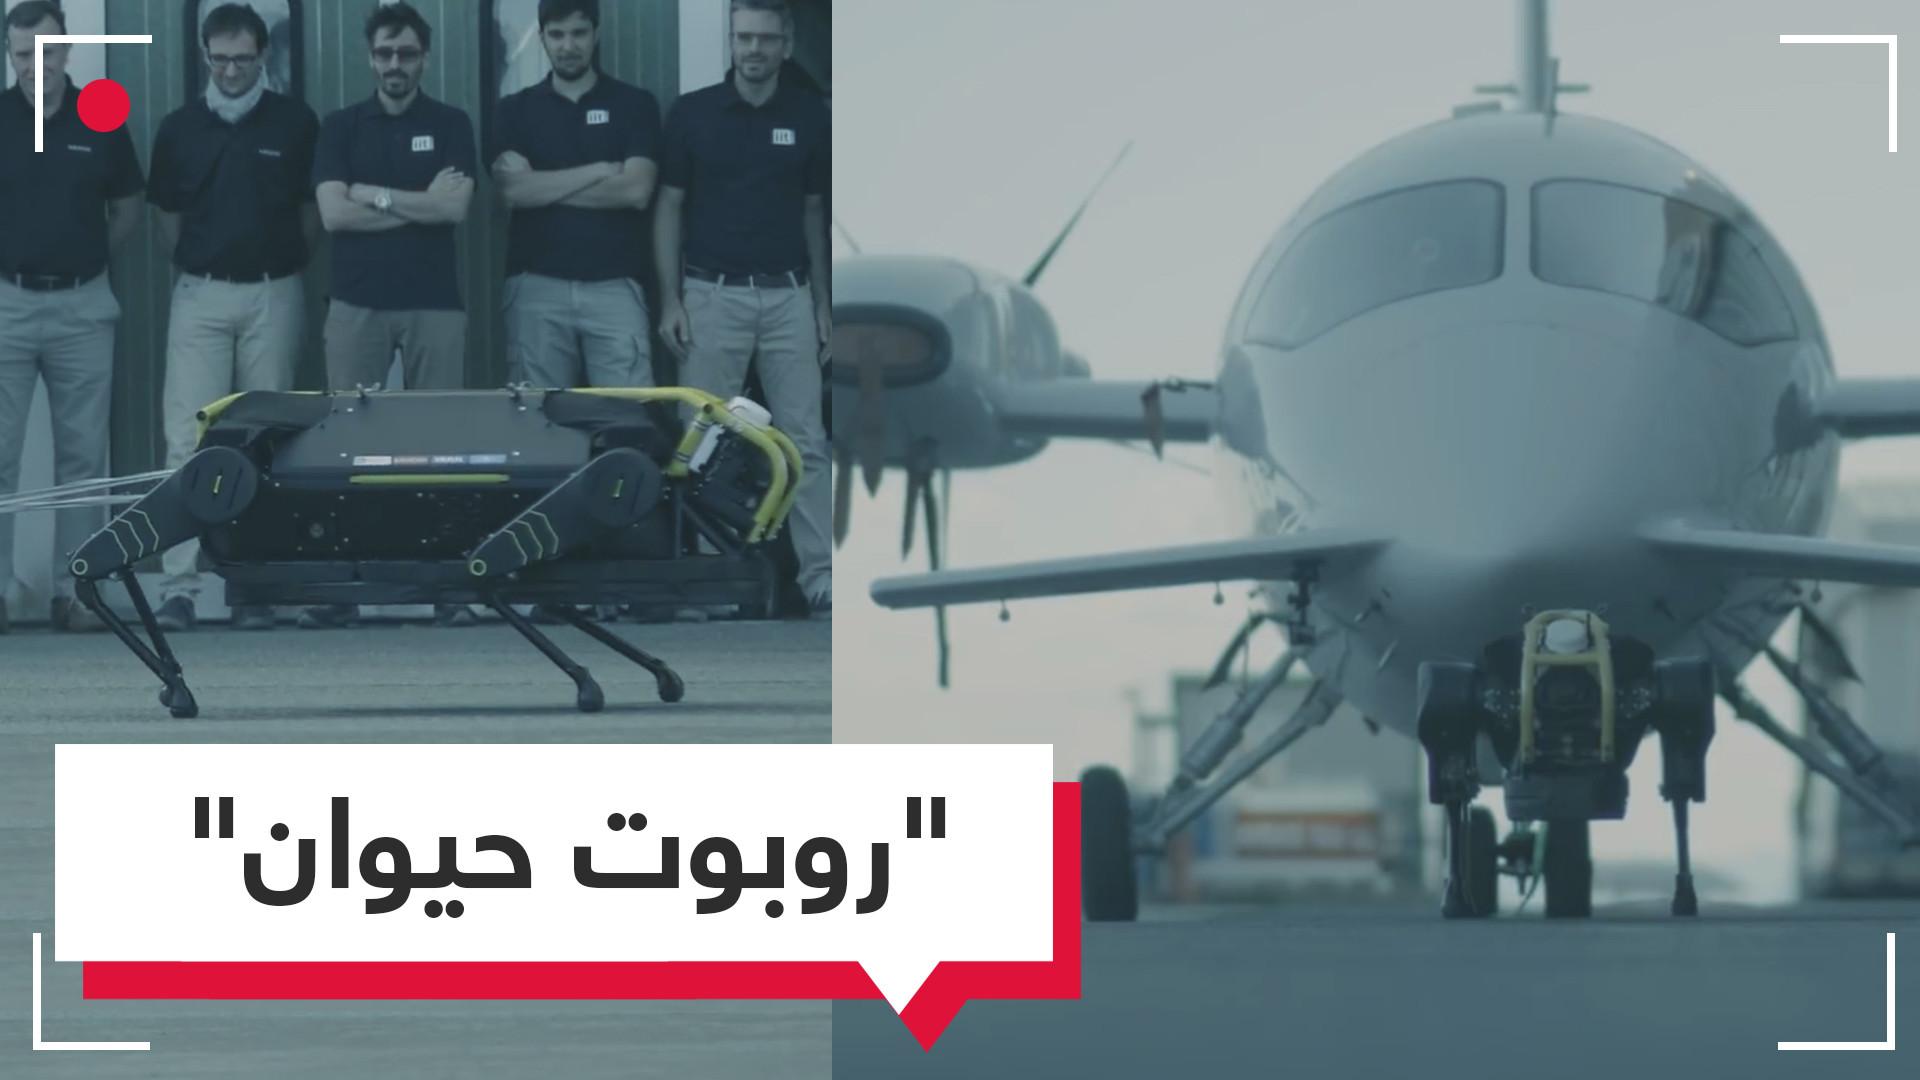 روبوت صغير يجر طائرة وزنها 3.3 طن